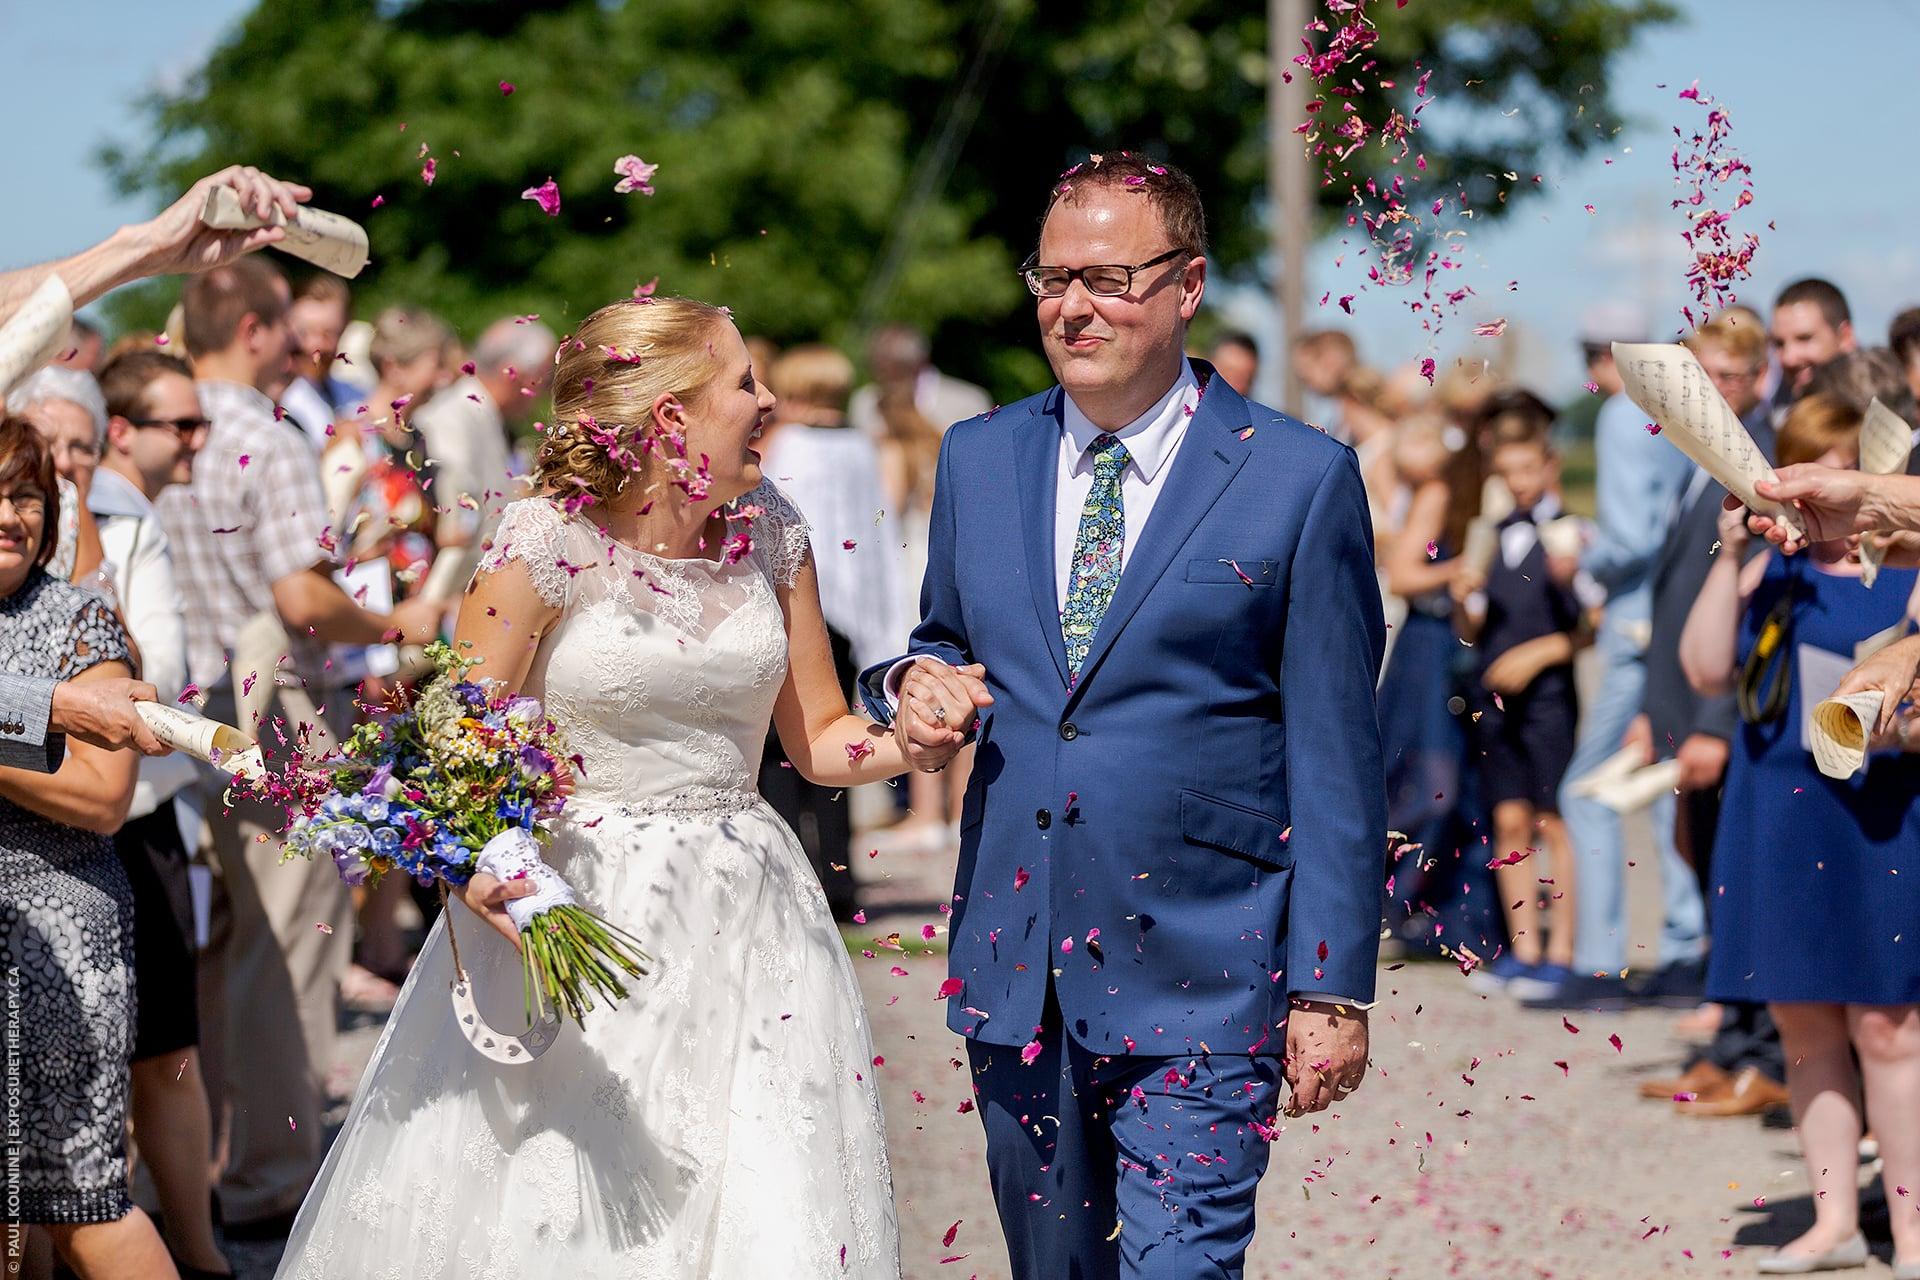 long focal length lens 115 mm wedding couple flower petals